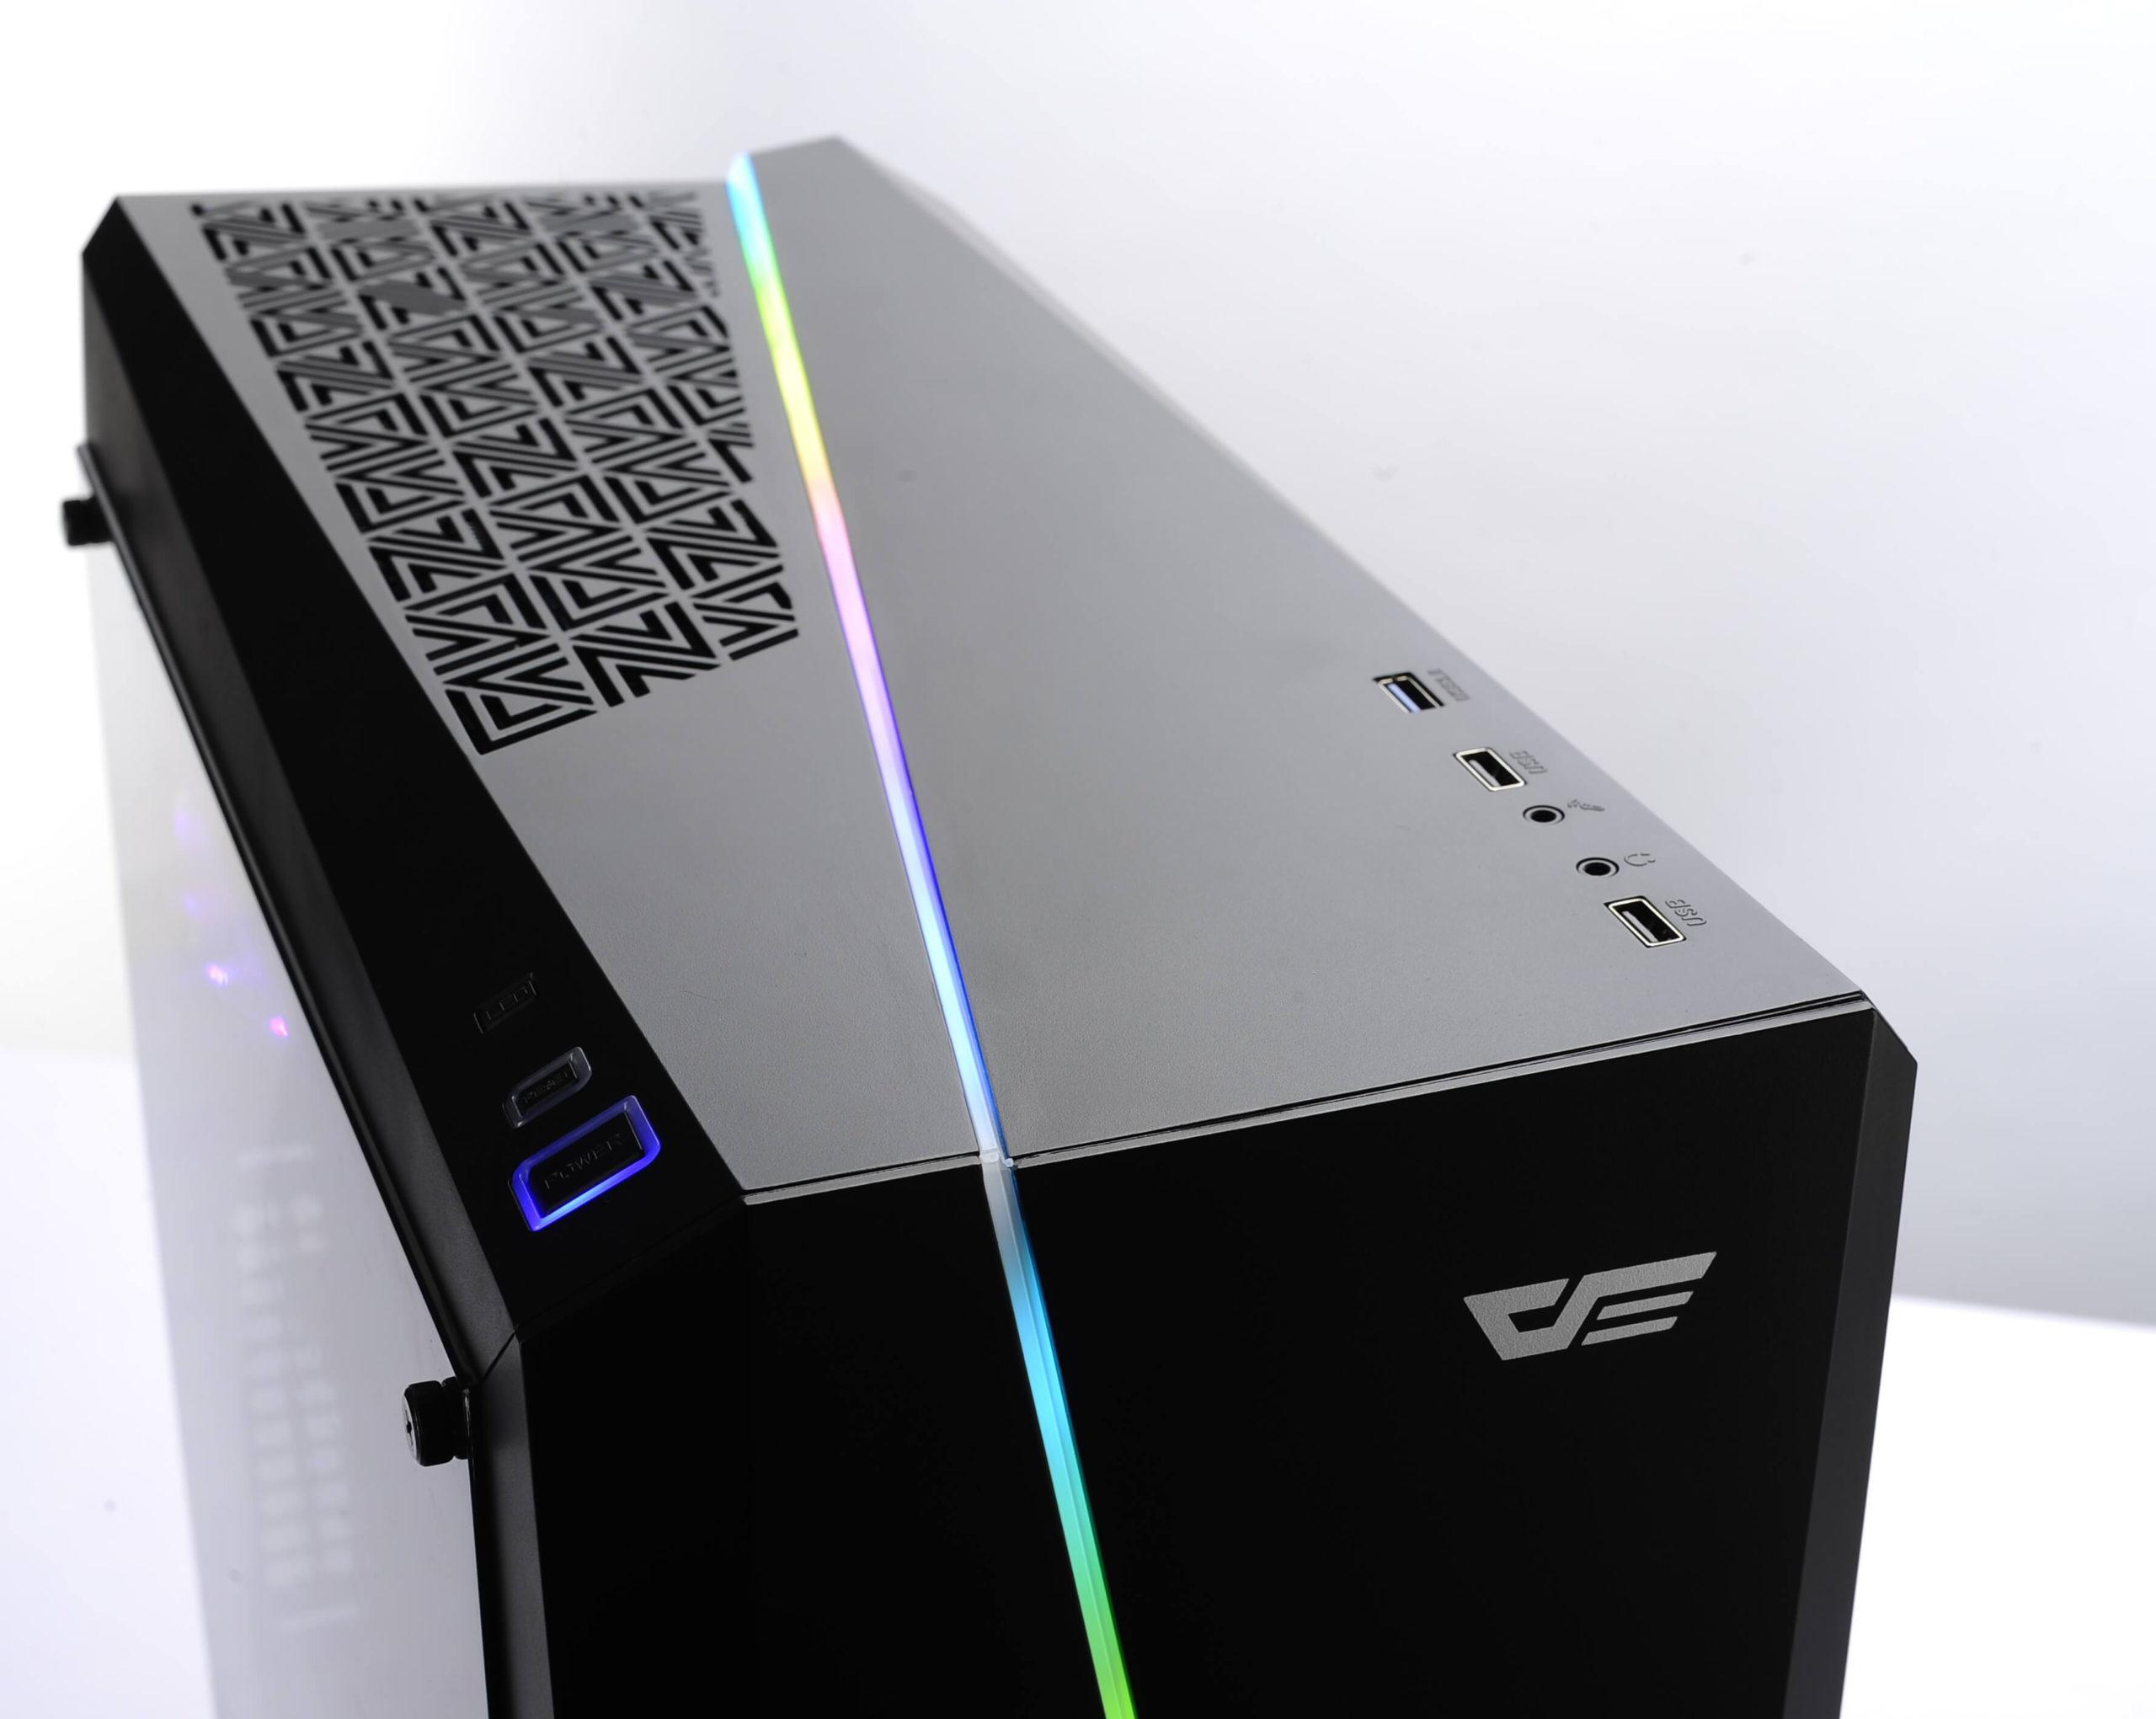 Dsc7167